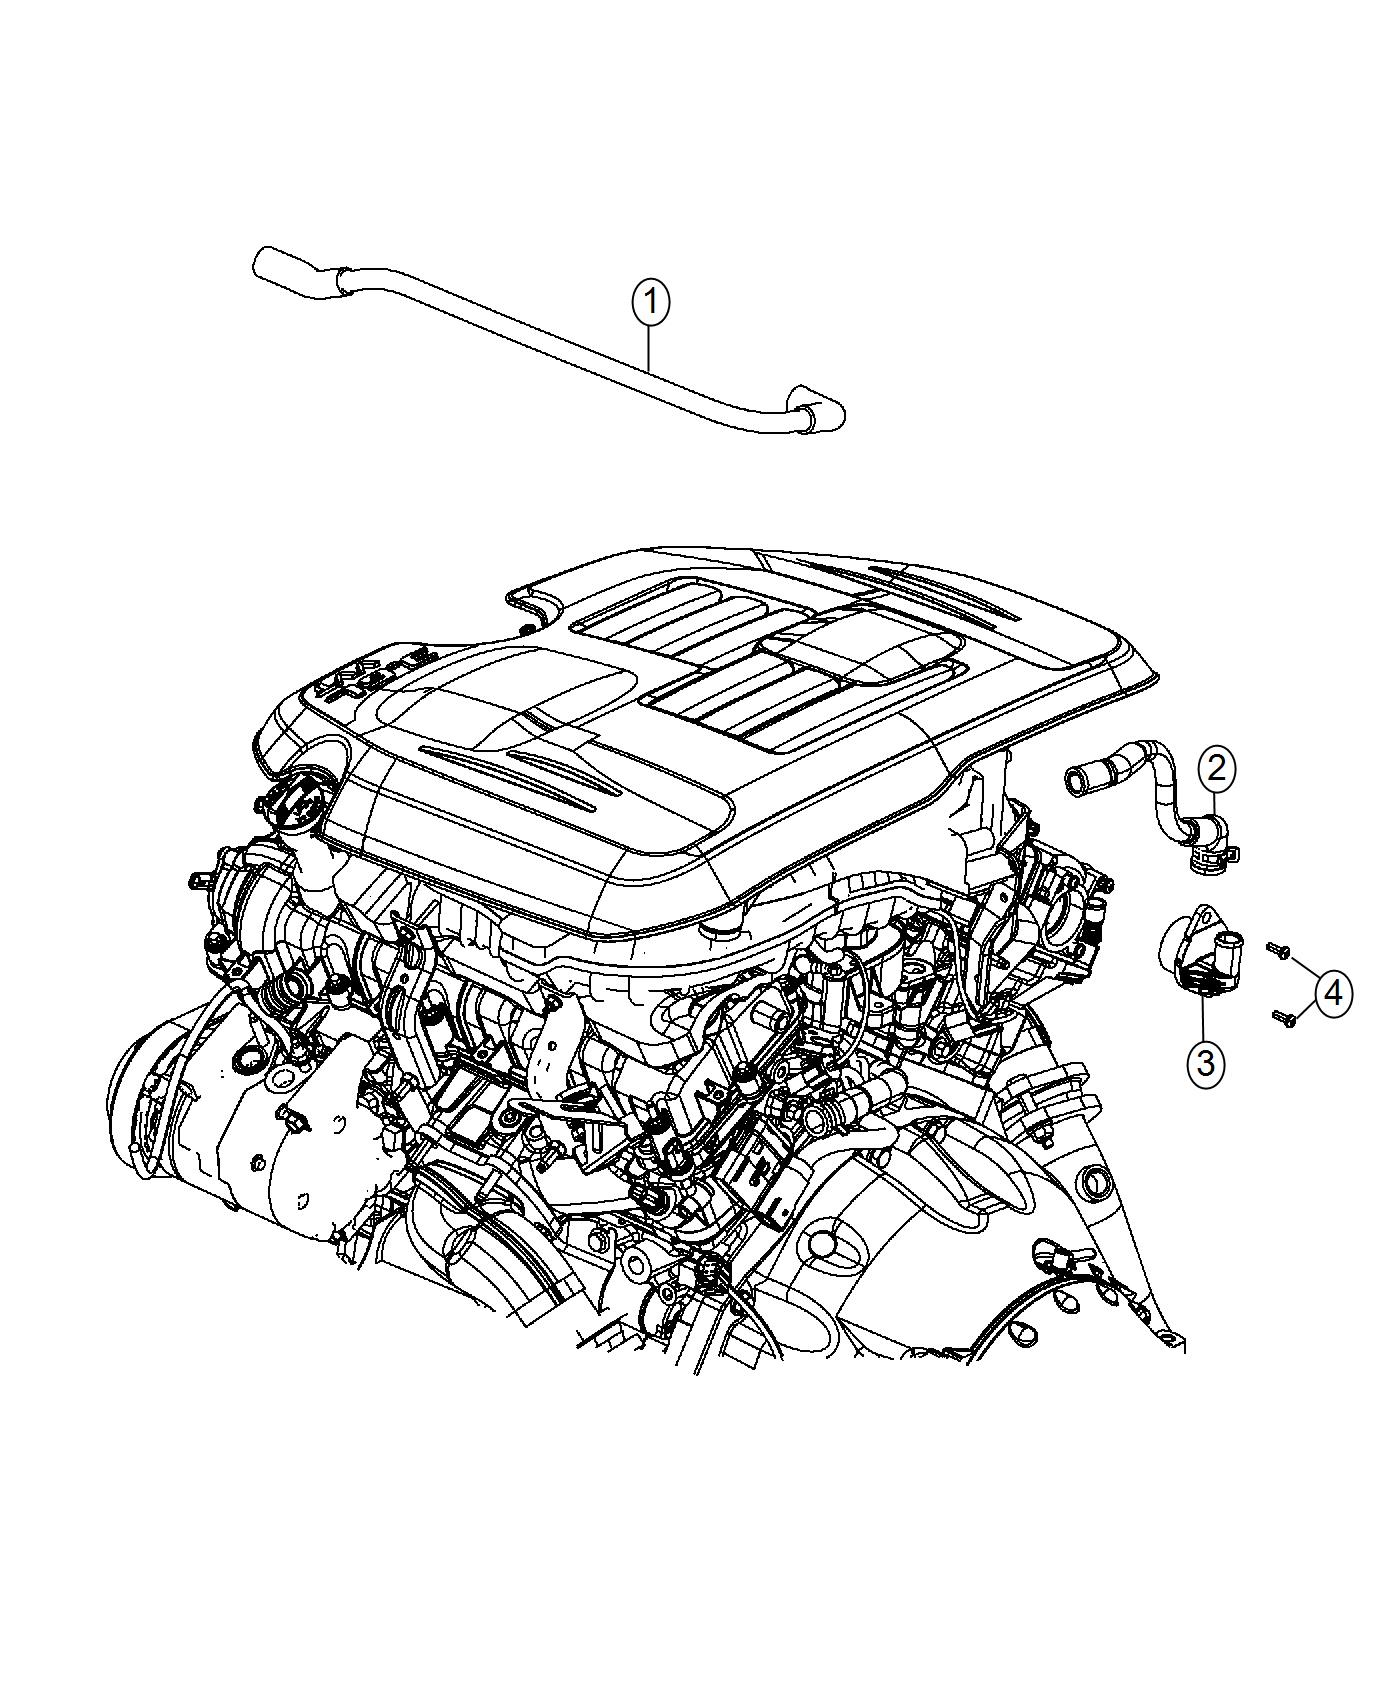 Chrysler 300 Valve Pcv Ventilation Crankcase Engine